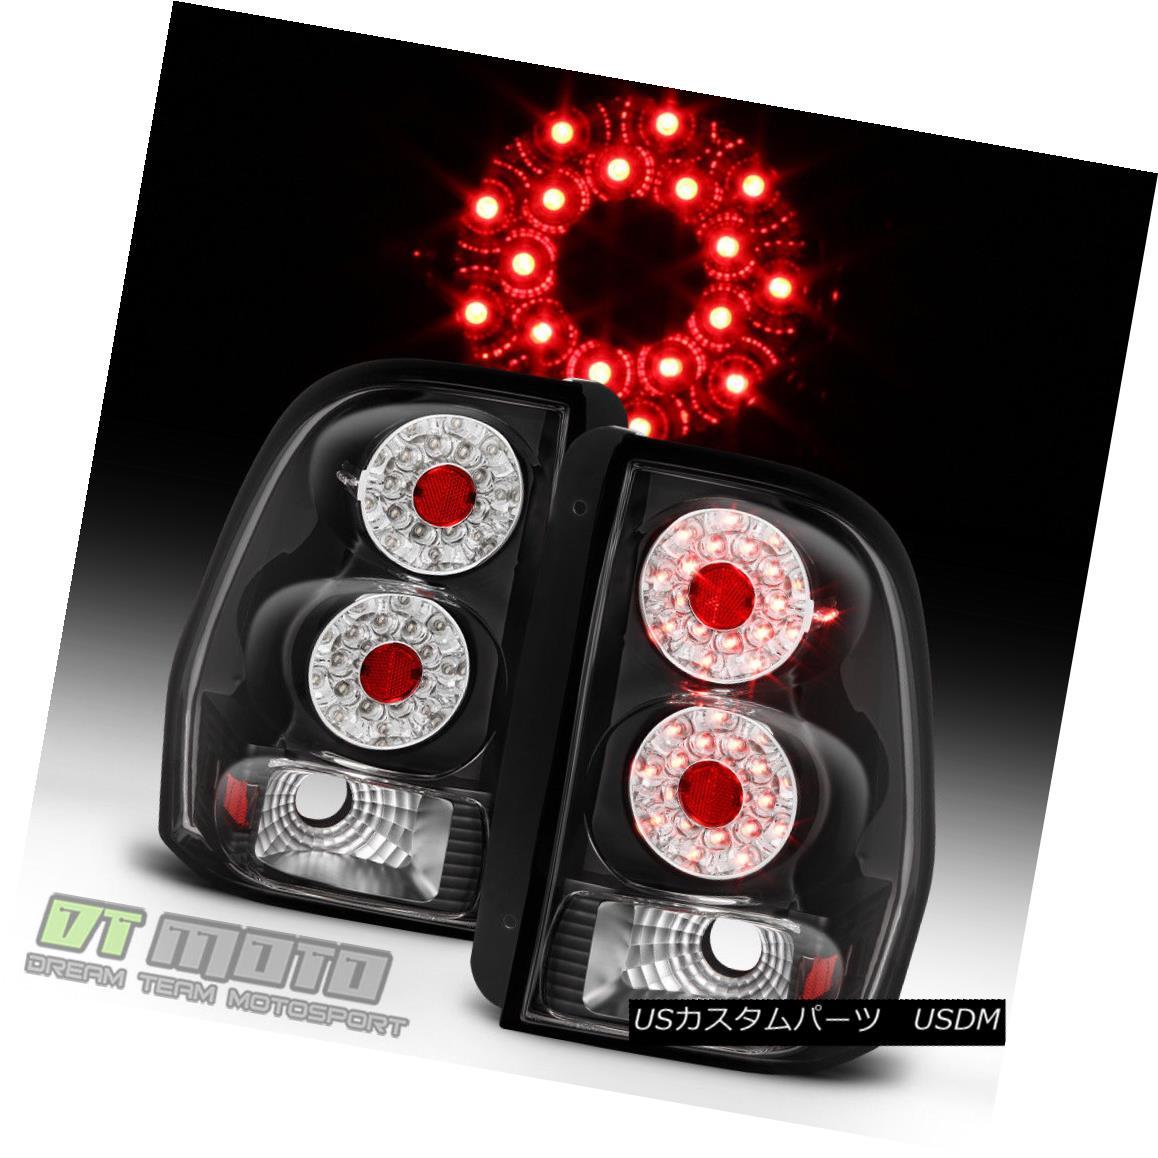 テールライト Black 2002-2009 Chevy Chevy Trailblazer 02-09 LED Tail Lights Brake Aftermarket Lamps 02-09 Aftermarket ブラック2002-2009シボレートレイルブレイザーLEDテールライトブレーキランプ02-09アフターマーケット, 九州のごちそう便:1866316a --- officewill.xsrv.jp